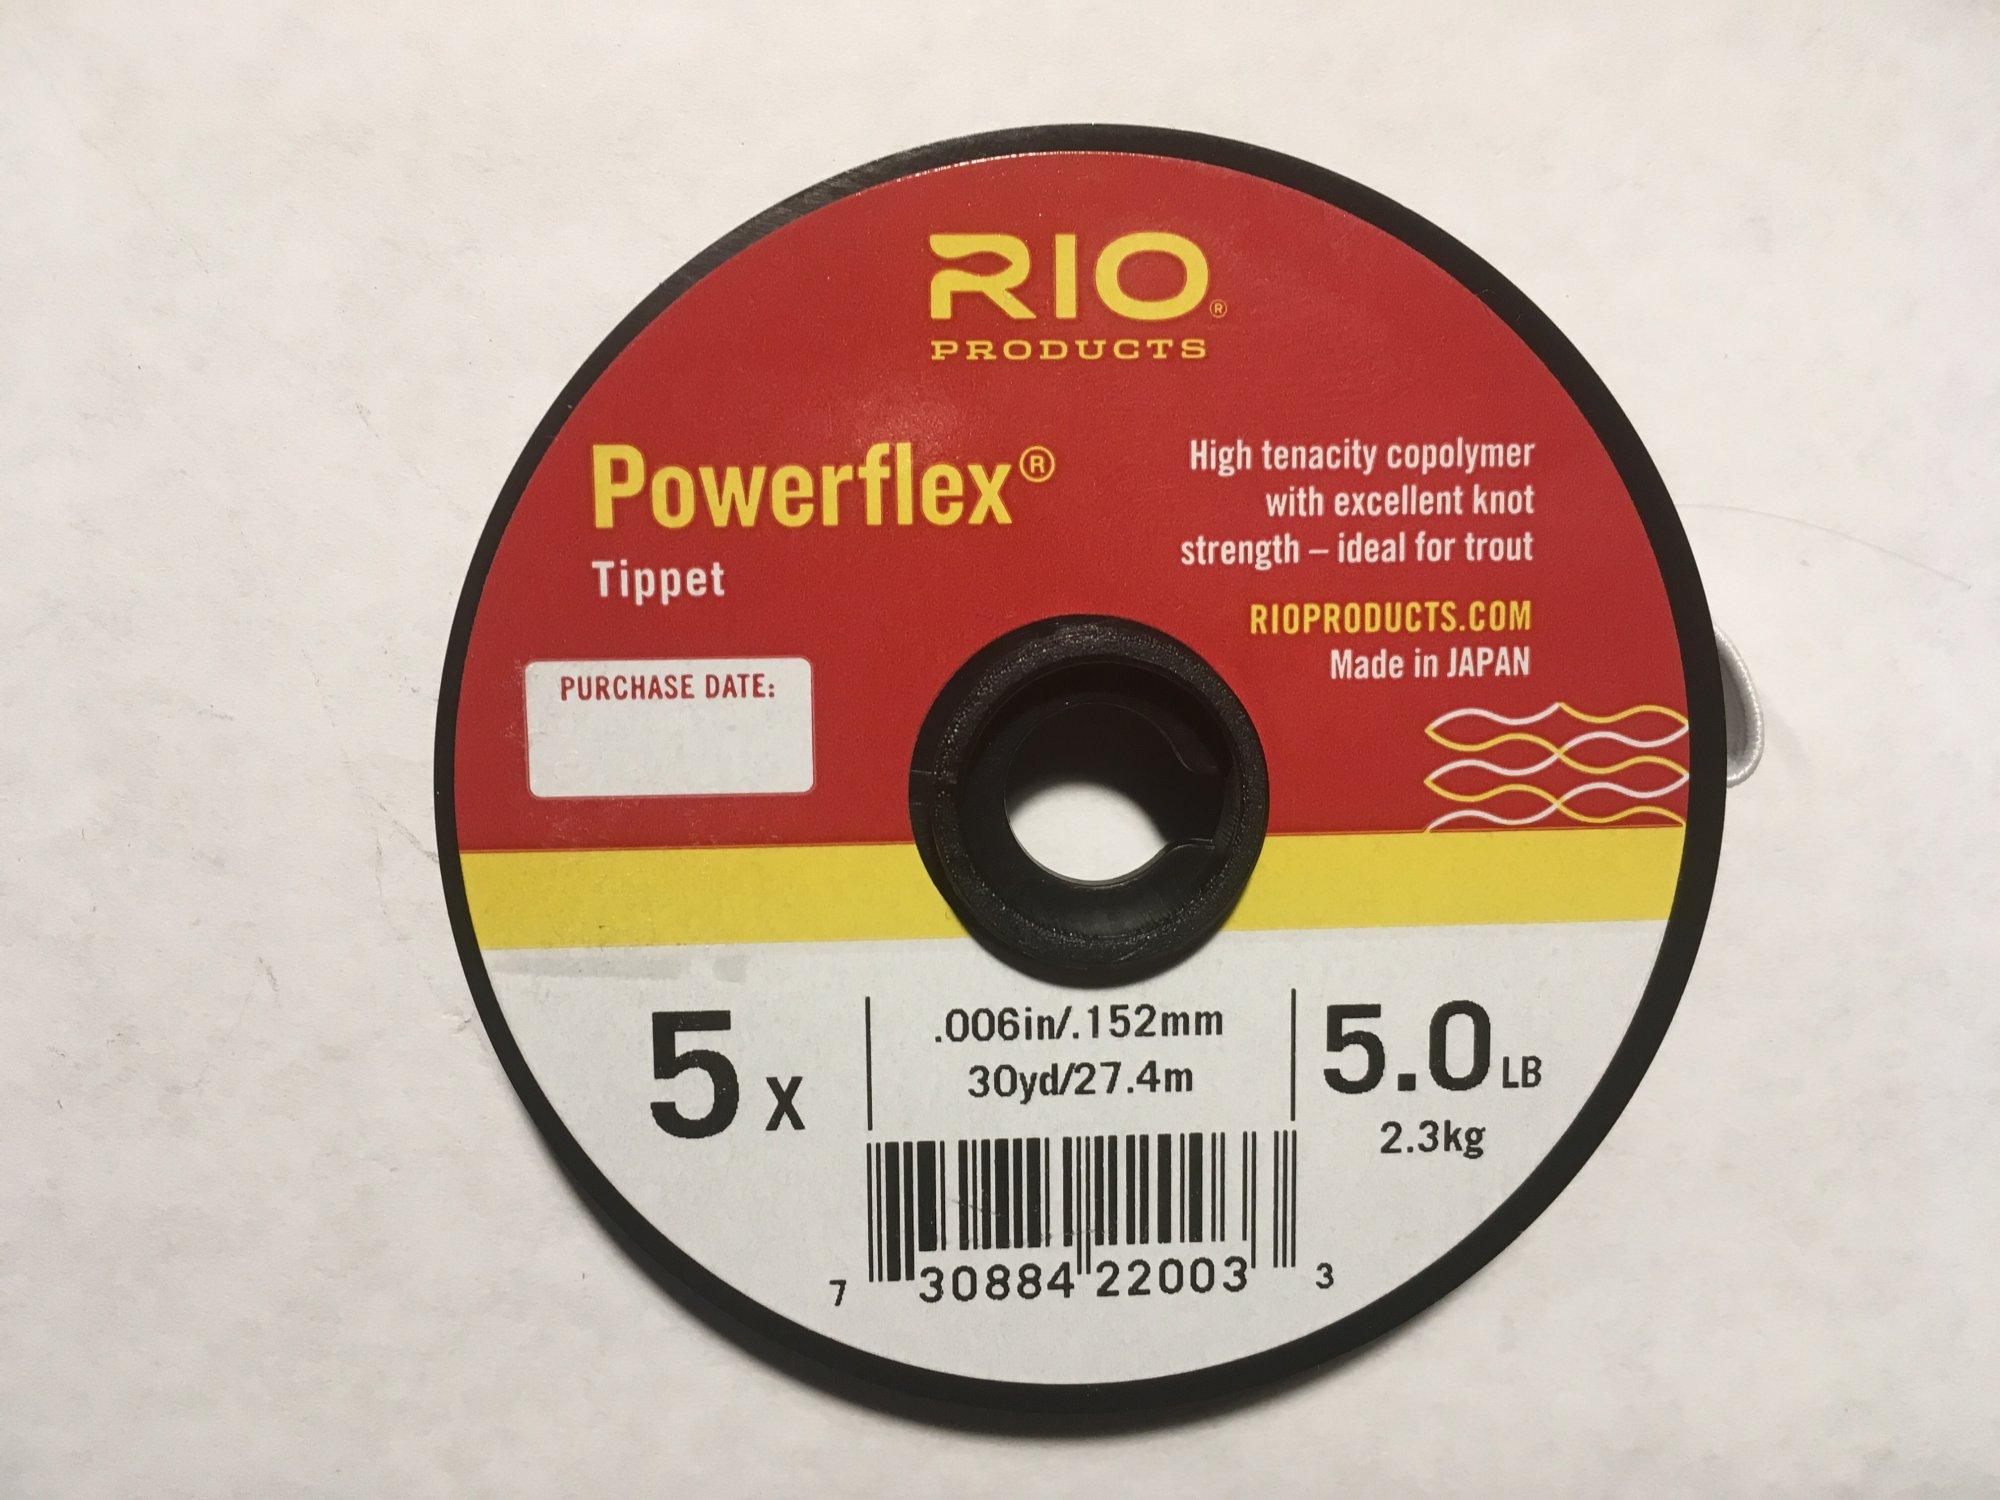 Powerflex Tippett 5x